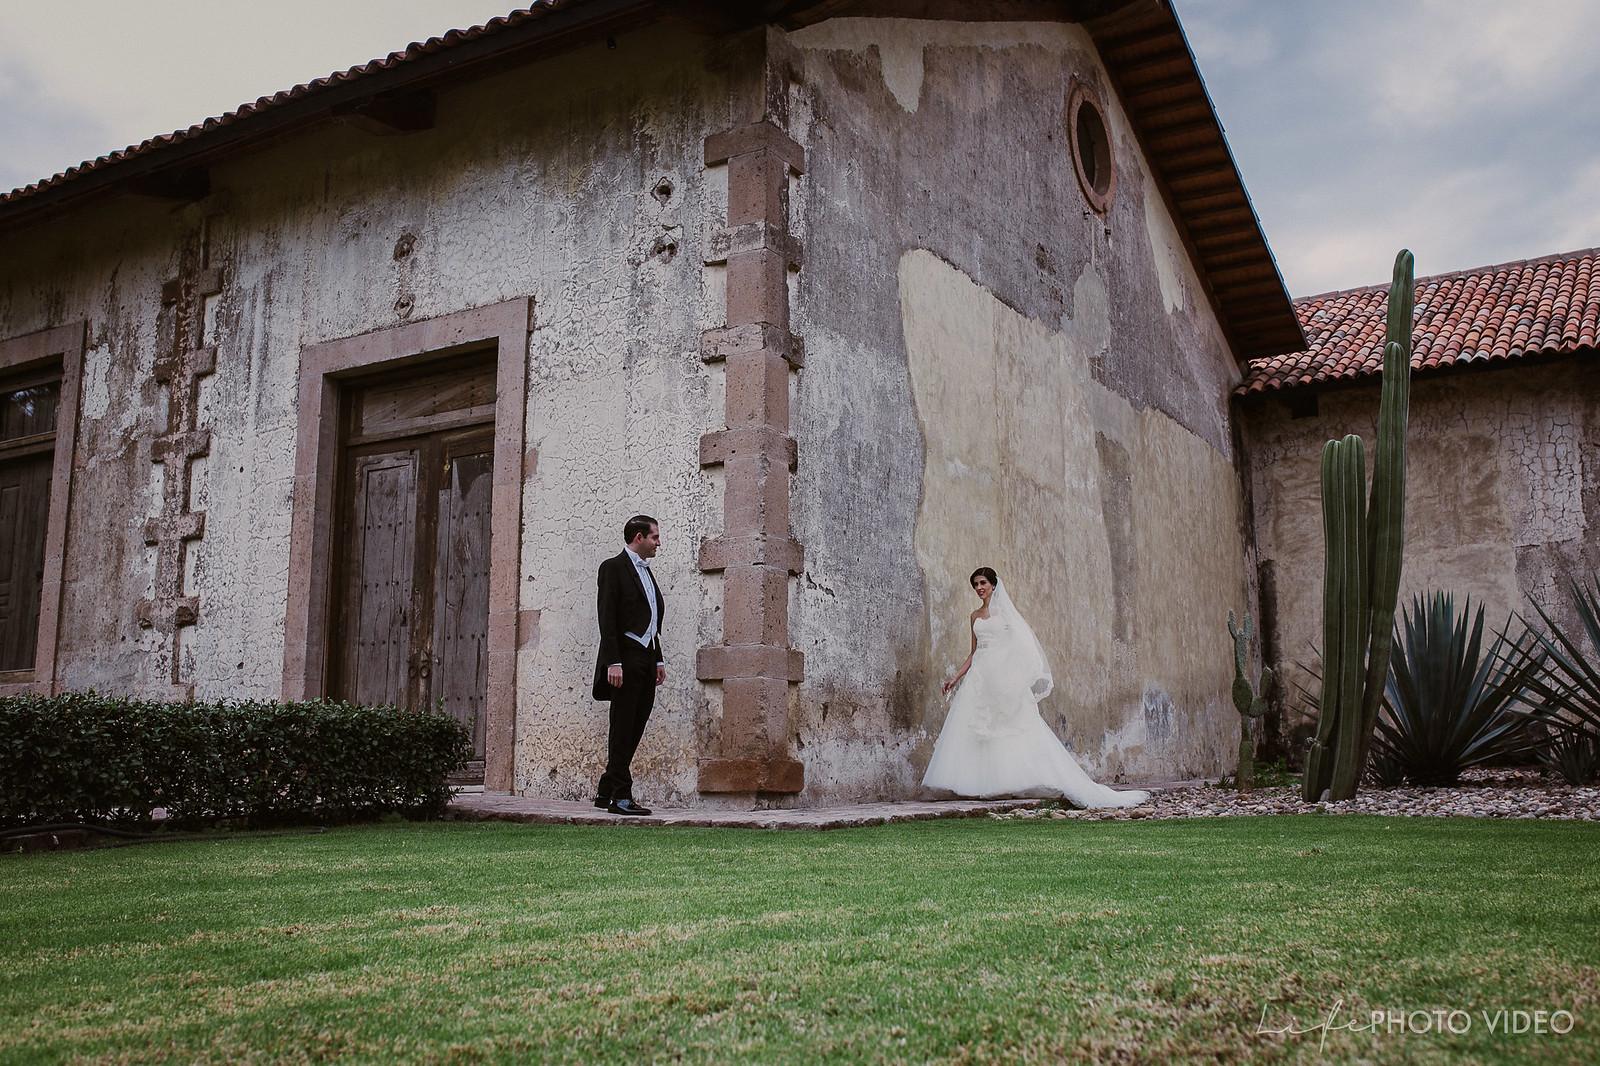 Boda_Leon_Guanajuato_Wedding_0021